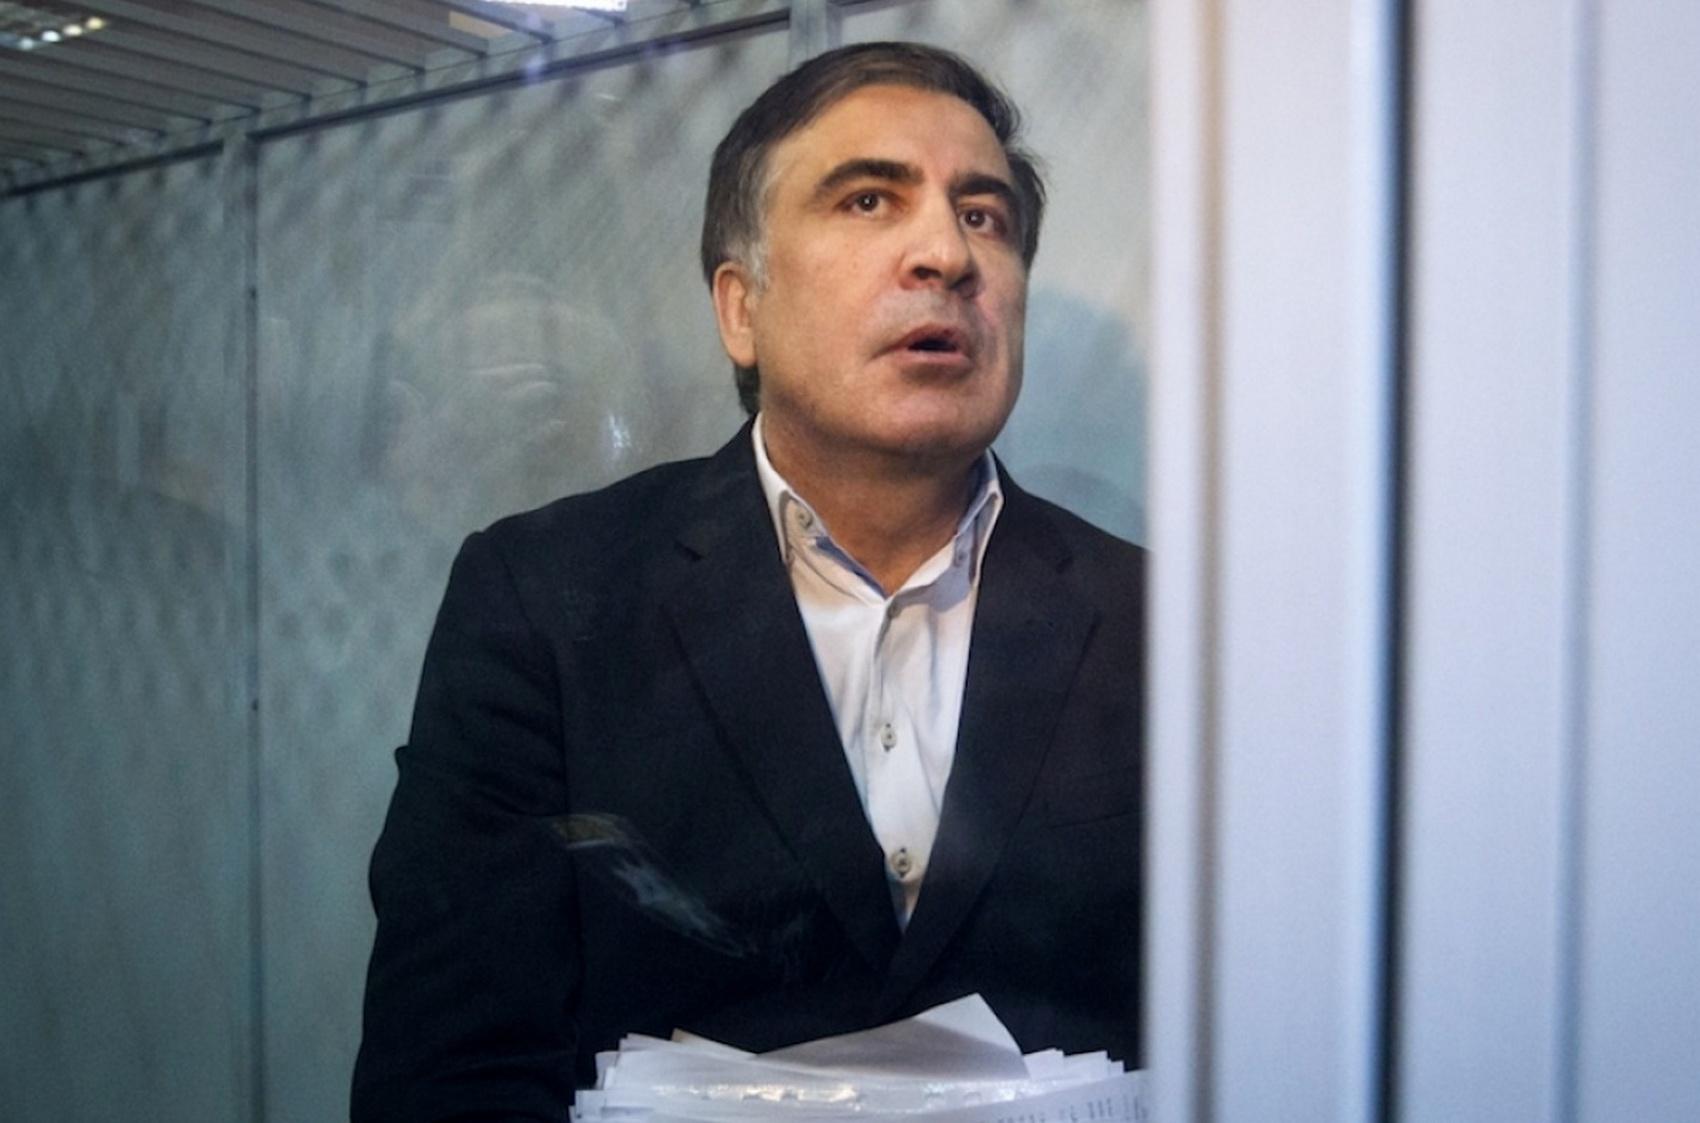 Саакашвили требует суда и обращается к международному сообществу